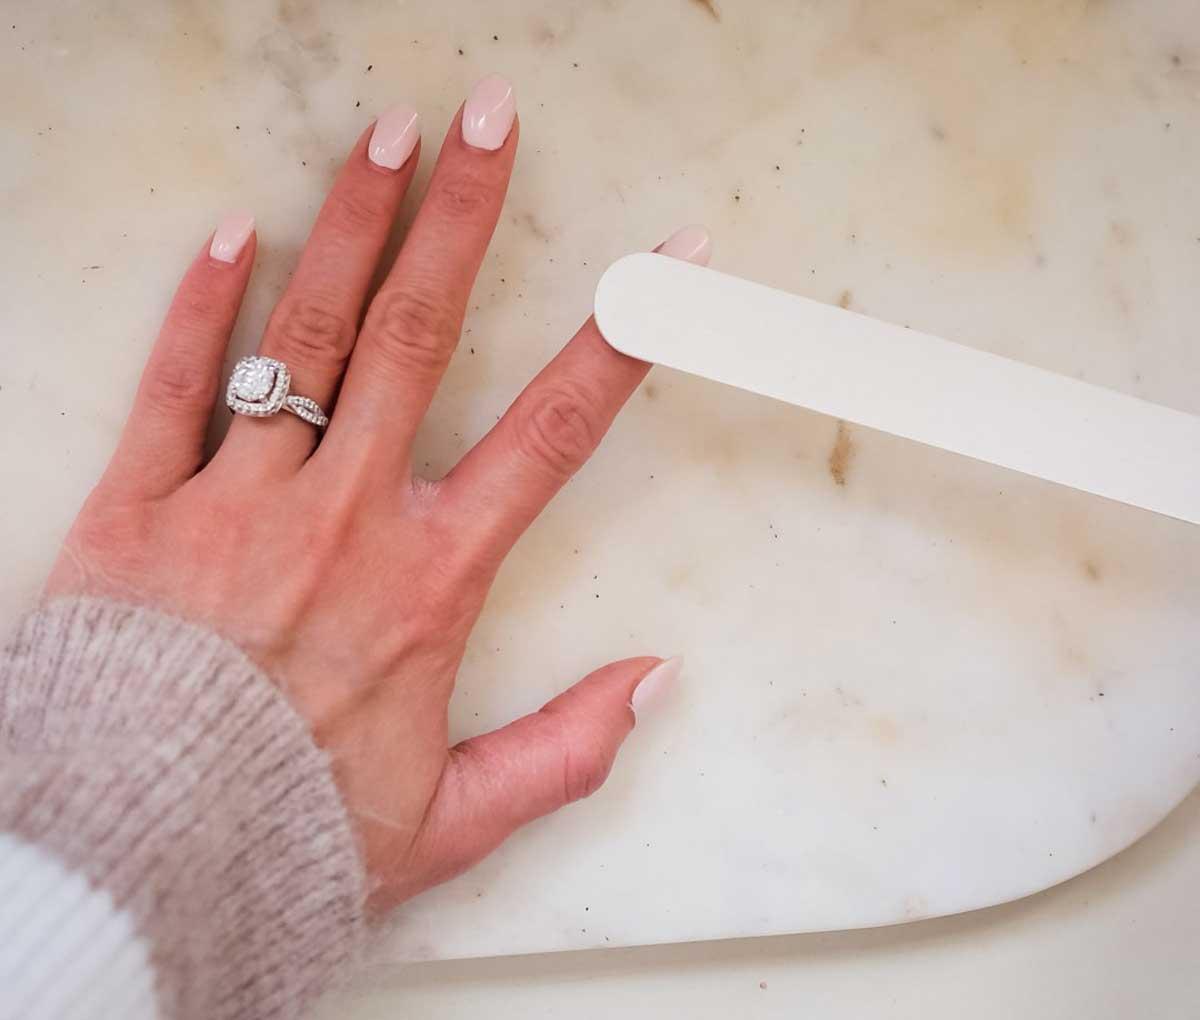 Dip-Powder-Nails-At-Home-16